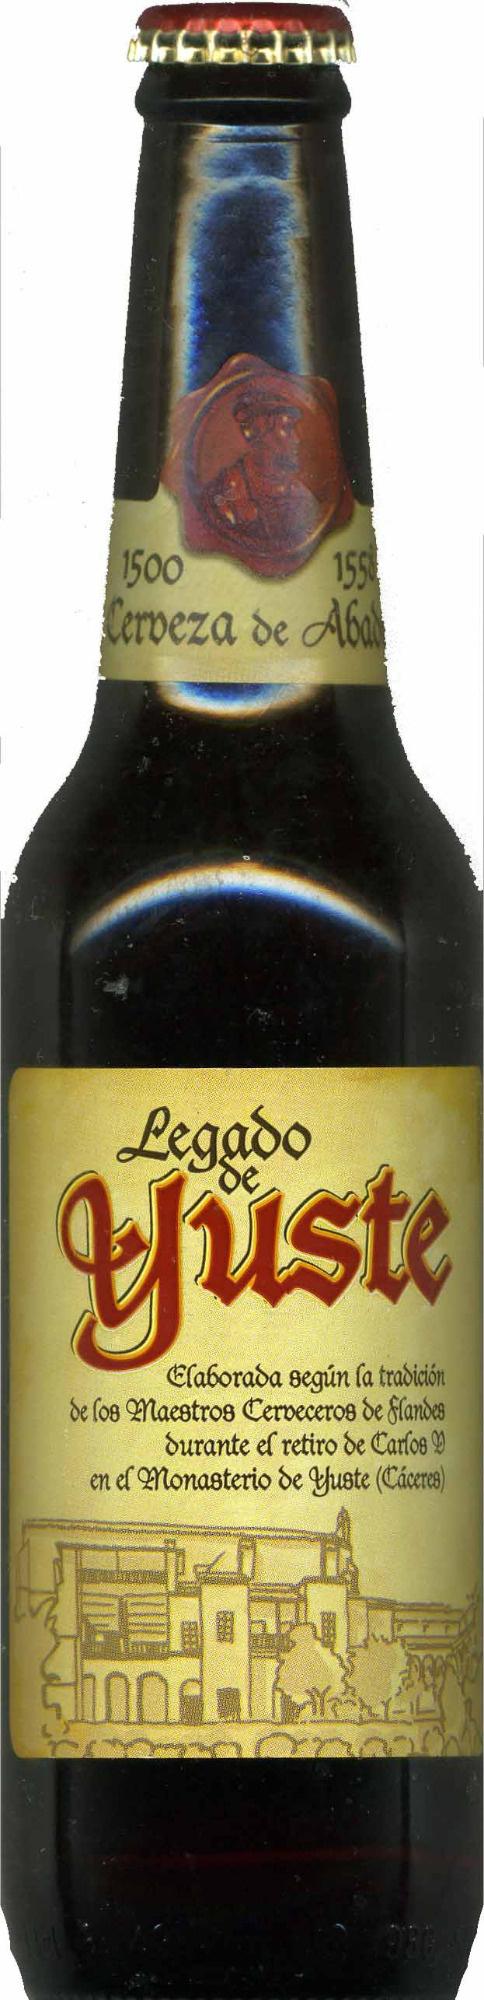 """Cerveza """"Legado de Yuste"""" - Product - es"""